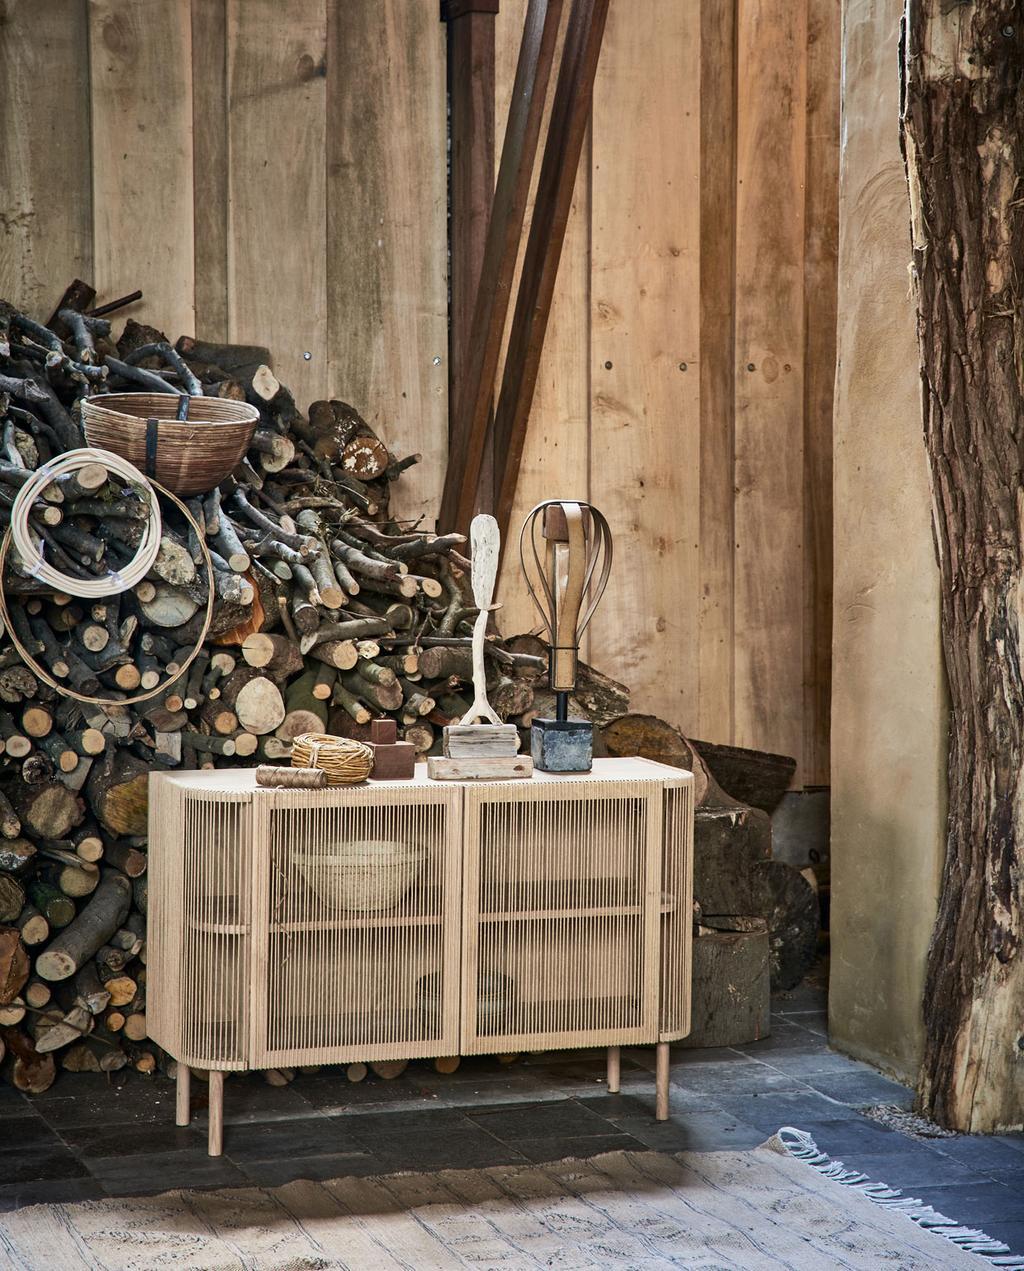 vtwonen 05-2021 | stapel hout met kast met draden